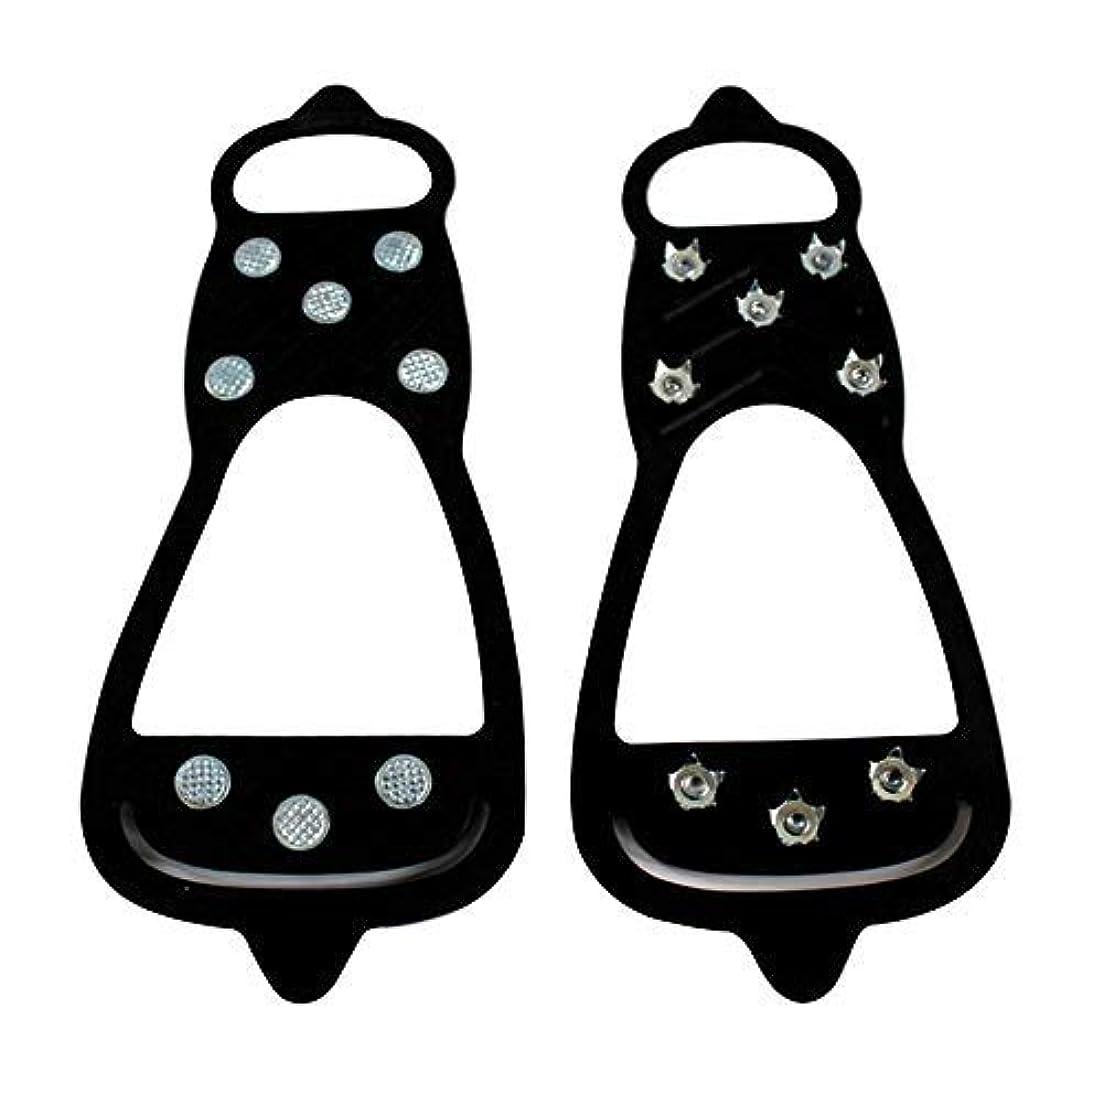 時刻表通知するレンチKOBWA 8本爪 アイゼン ステンレス鋼の氷の爪 登山 滑り止め 転倒防止 靴カバー スチール歯チェーン